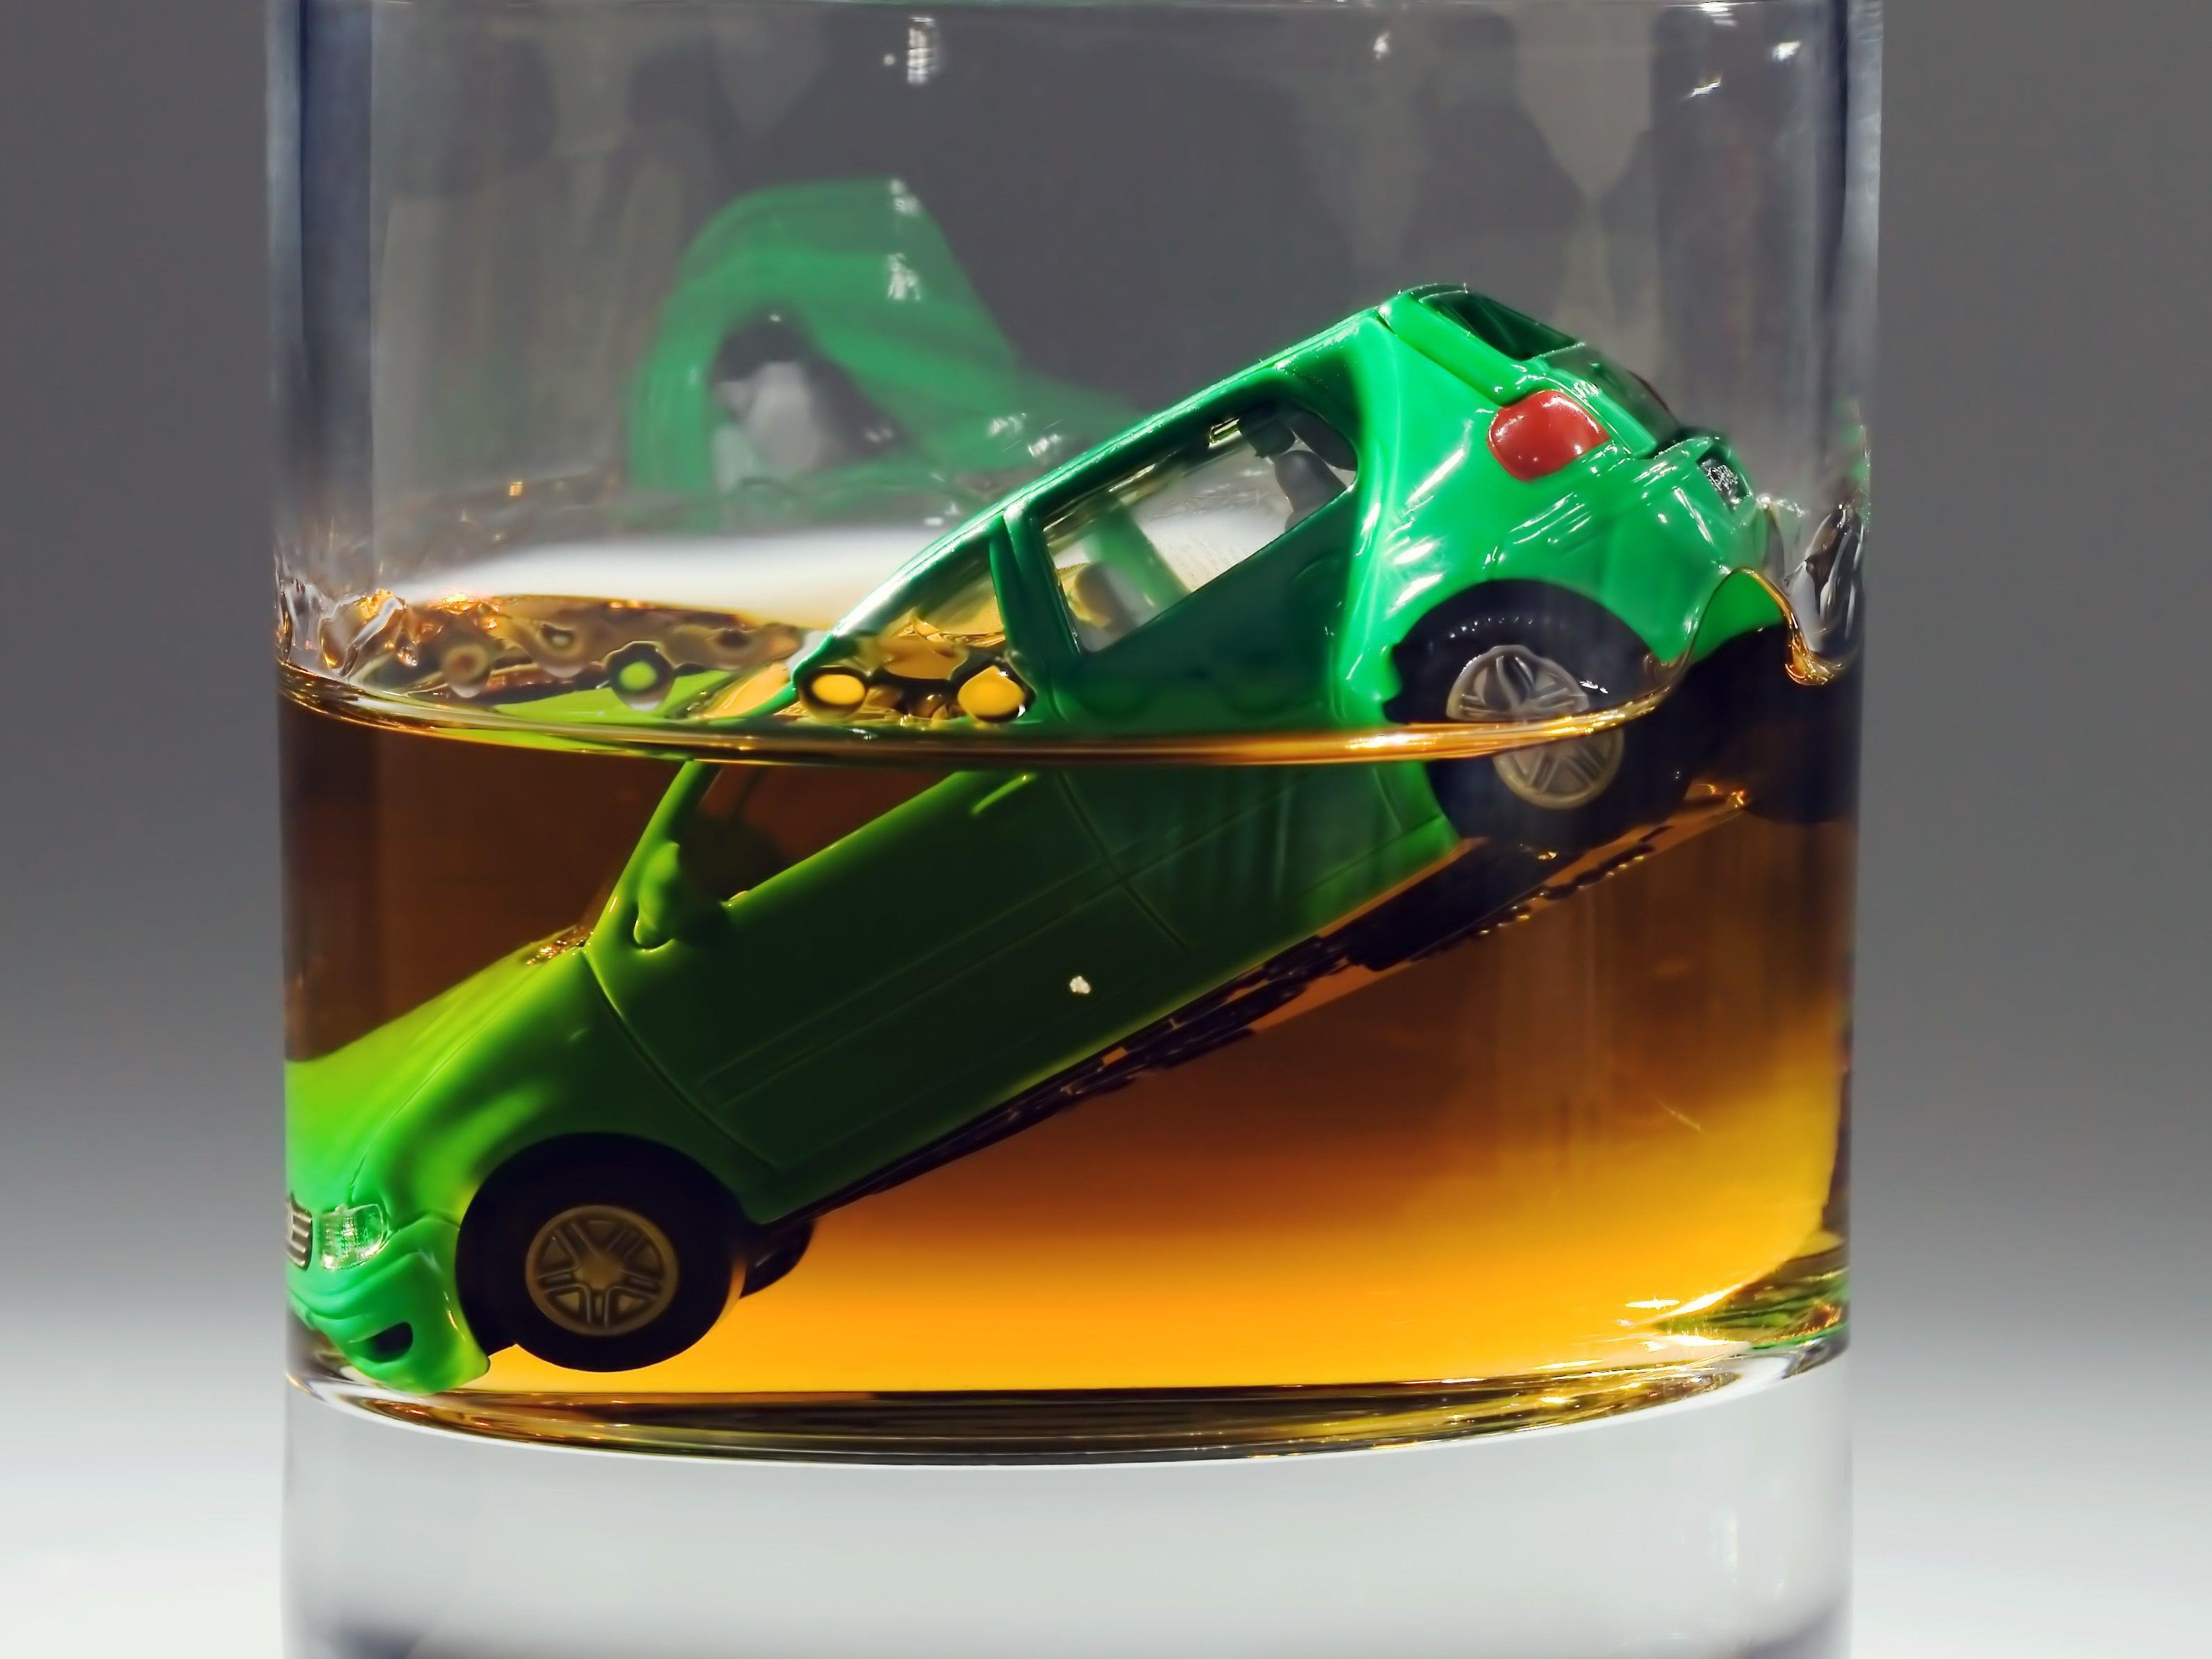 Der Alkoholtest beim Autofahrer verlief positiv.